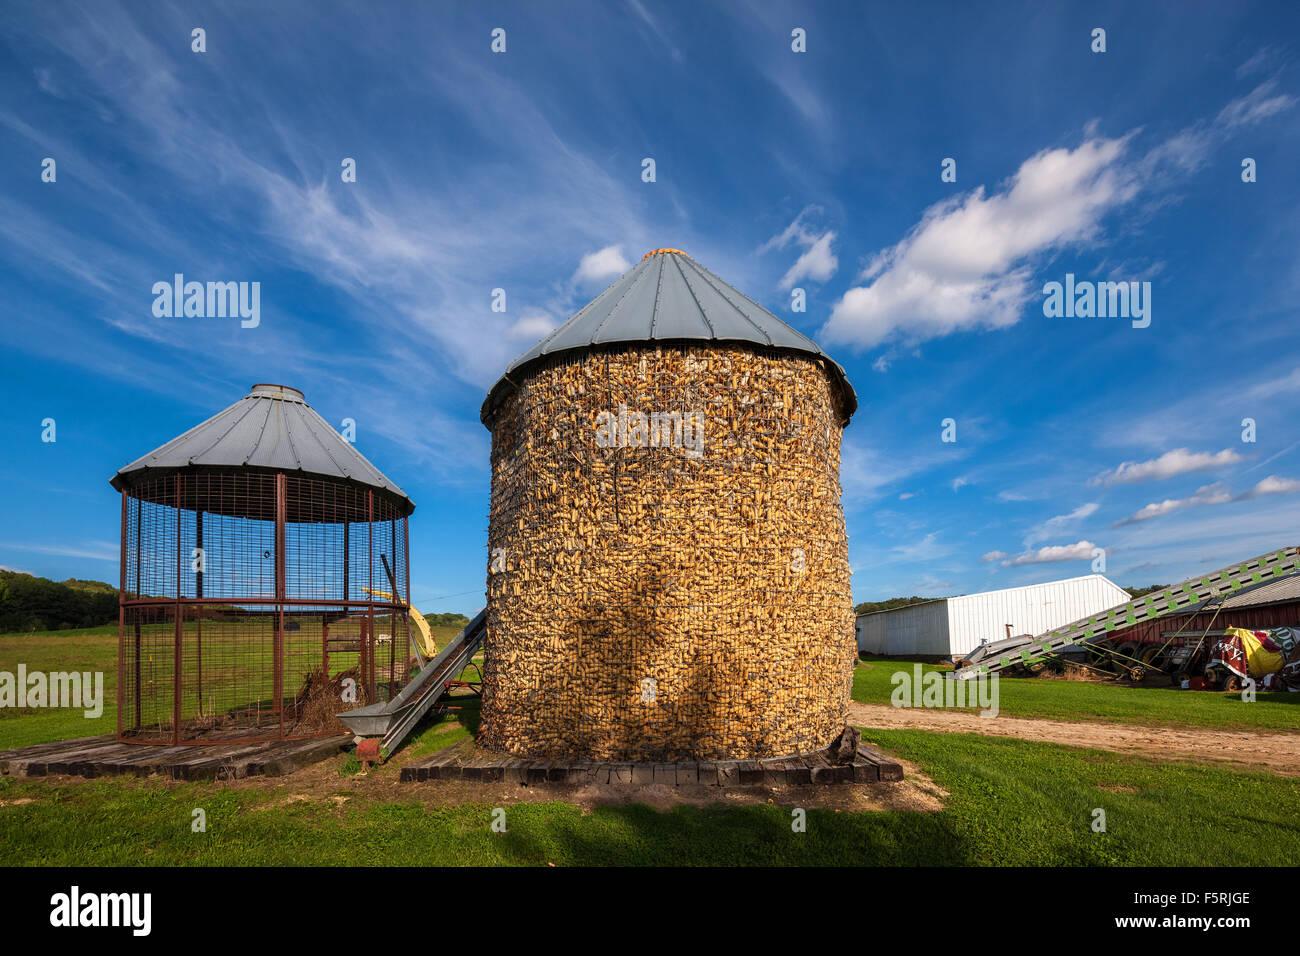 Traditionellen offenen Behlen Metalldraht Netz Mais Krippen im Frühherbst auf einem Bauernhof in der Nähe Stockbild